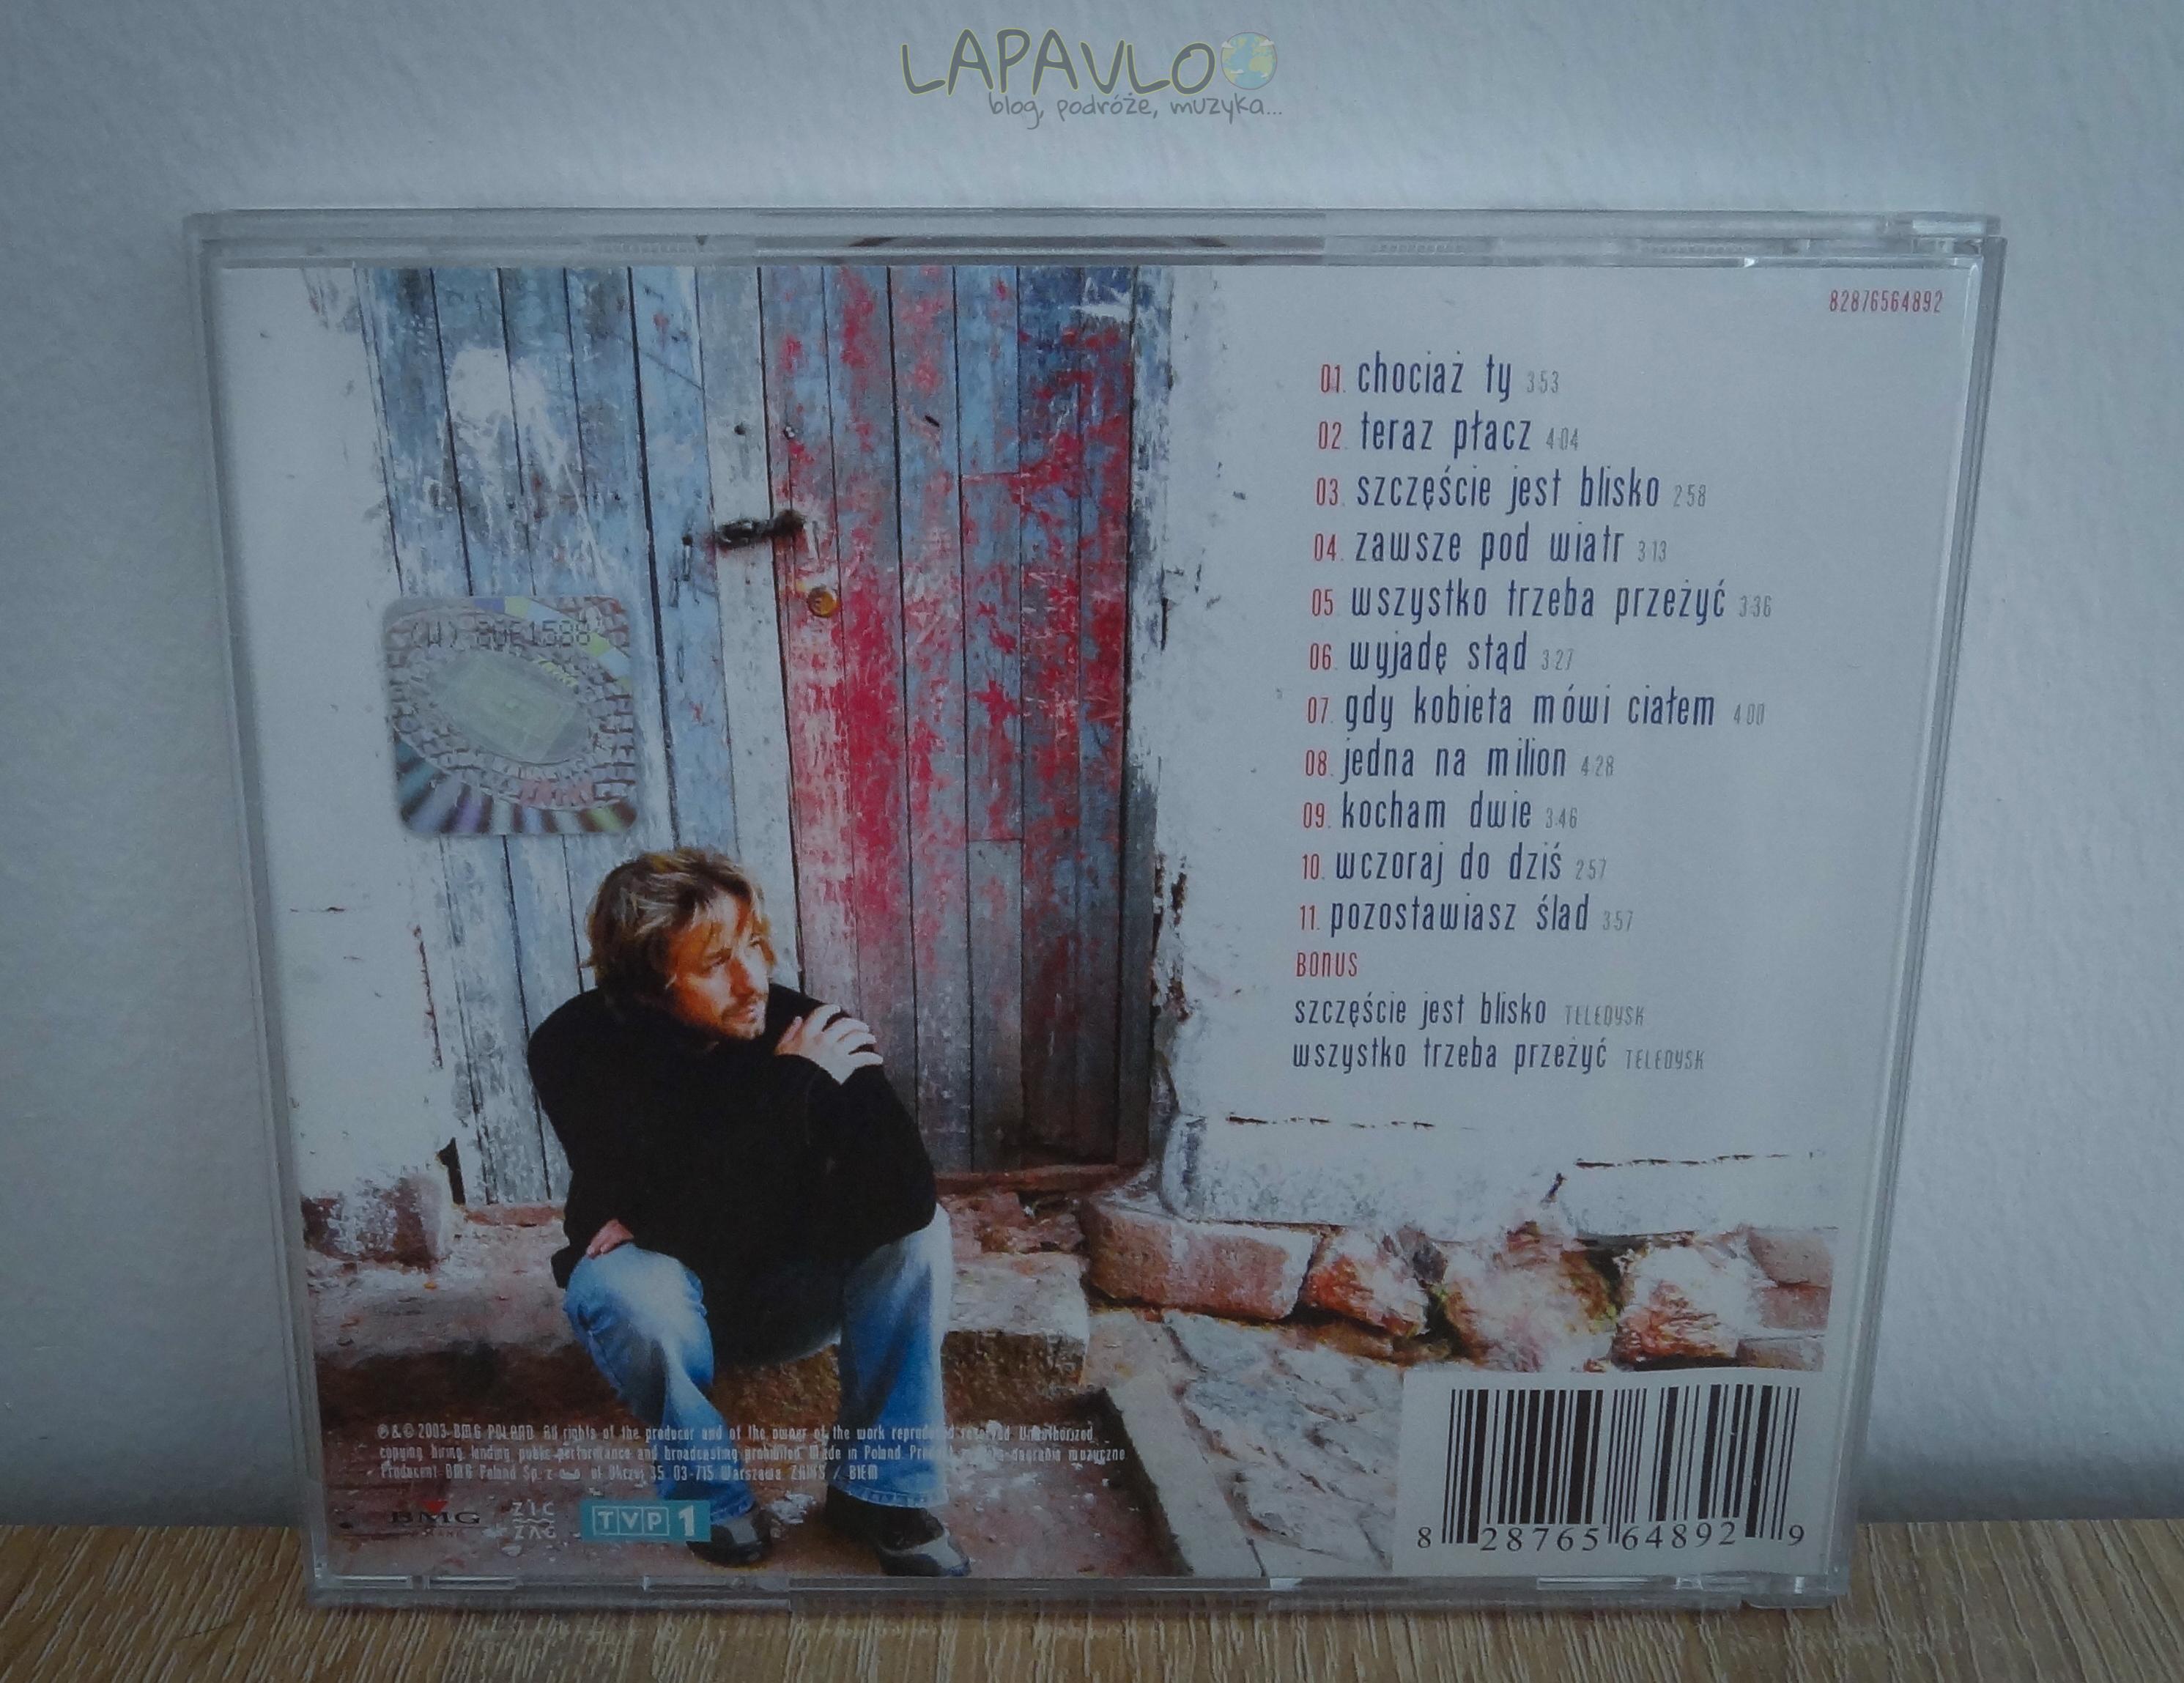 Andrzej Piaseczny CD 2003